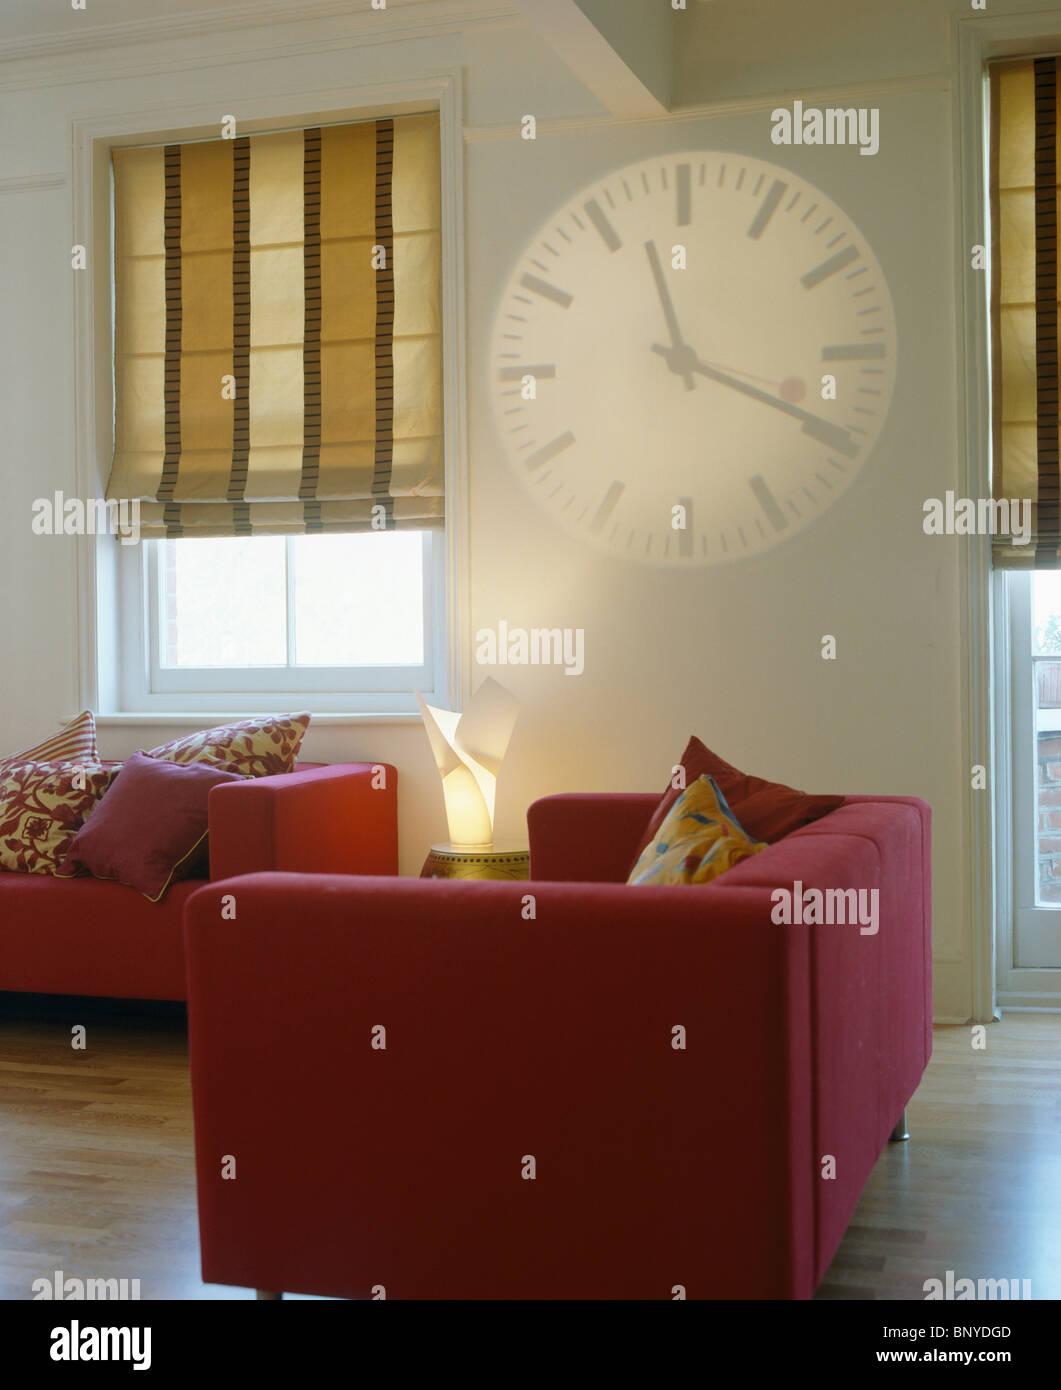 Hologramm Uhr An Wand Neben Fenster Breit Gestreift Beige Jalousien Inn  Moderne Weiße Wohnzimmer Mit Roten Sofas